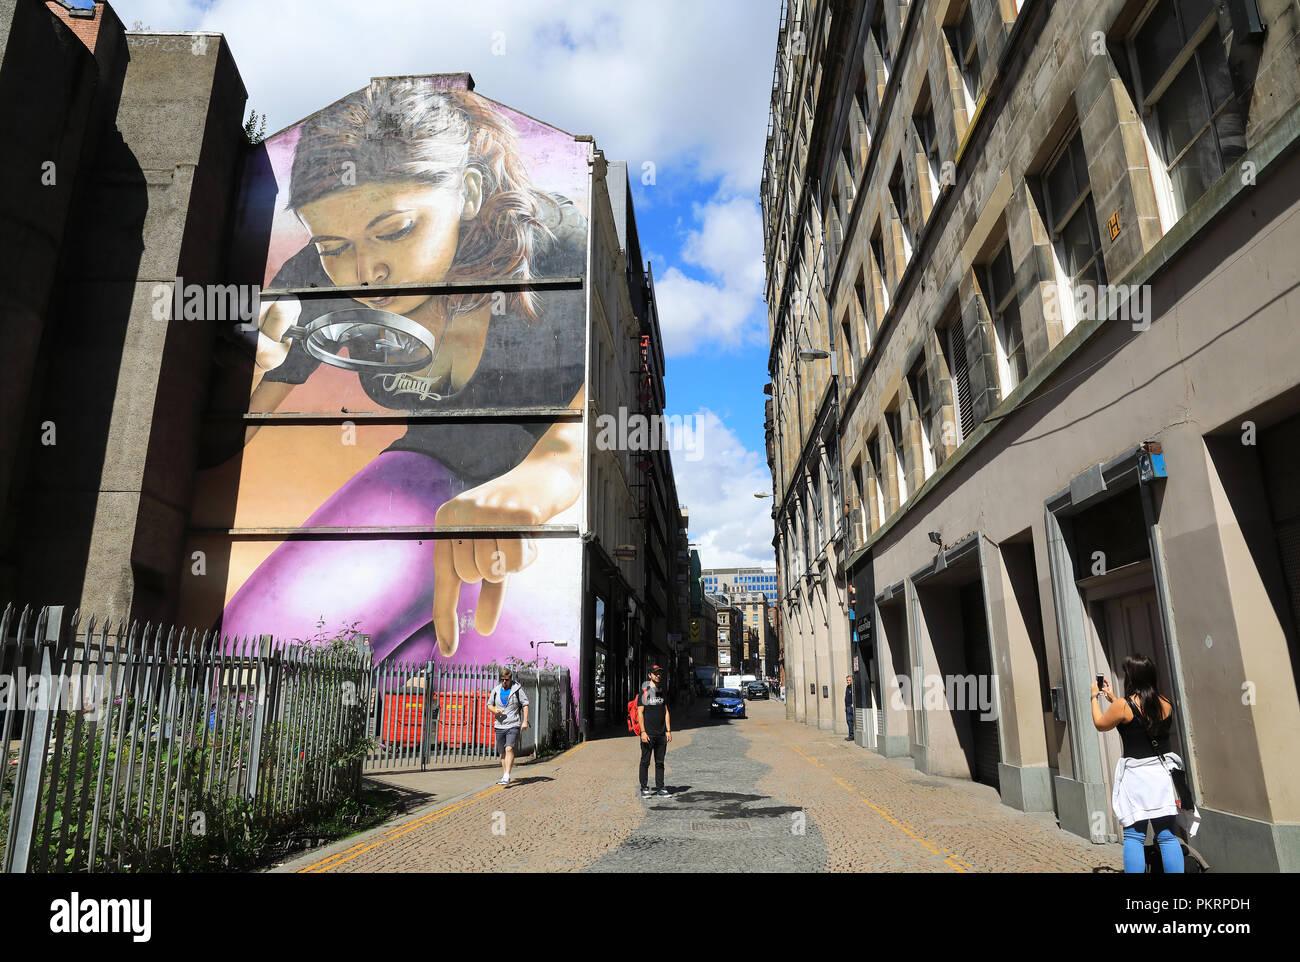 Das Stadtzentrum Wandbild Trail in Glasgow, wo Künstler auf der Straße bis Mietskasernen aufgehellt haben, und Werbetafeln um Brachflächen, in Schottland, Großbritannien Stockbild